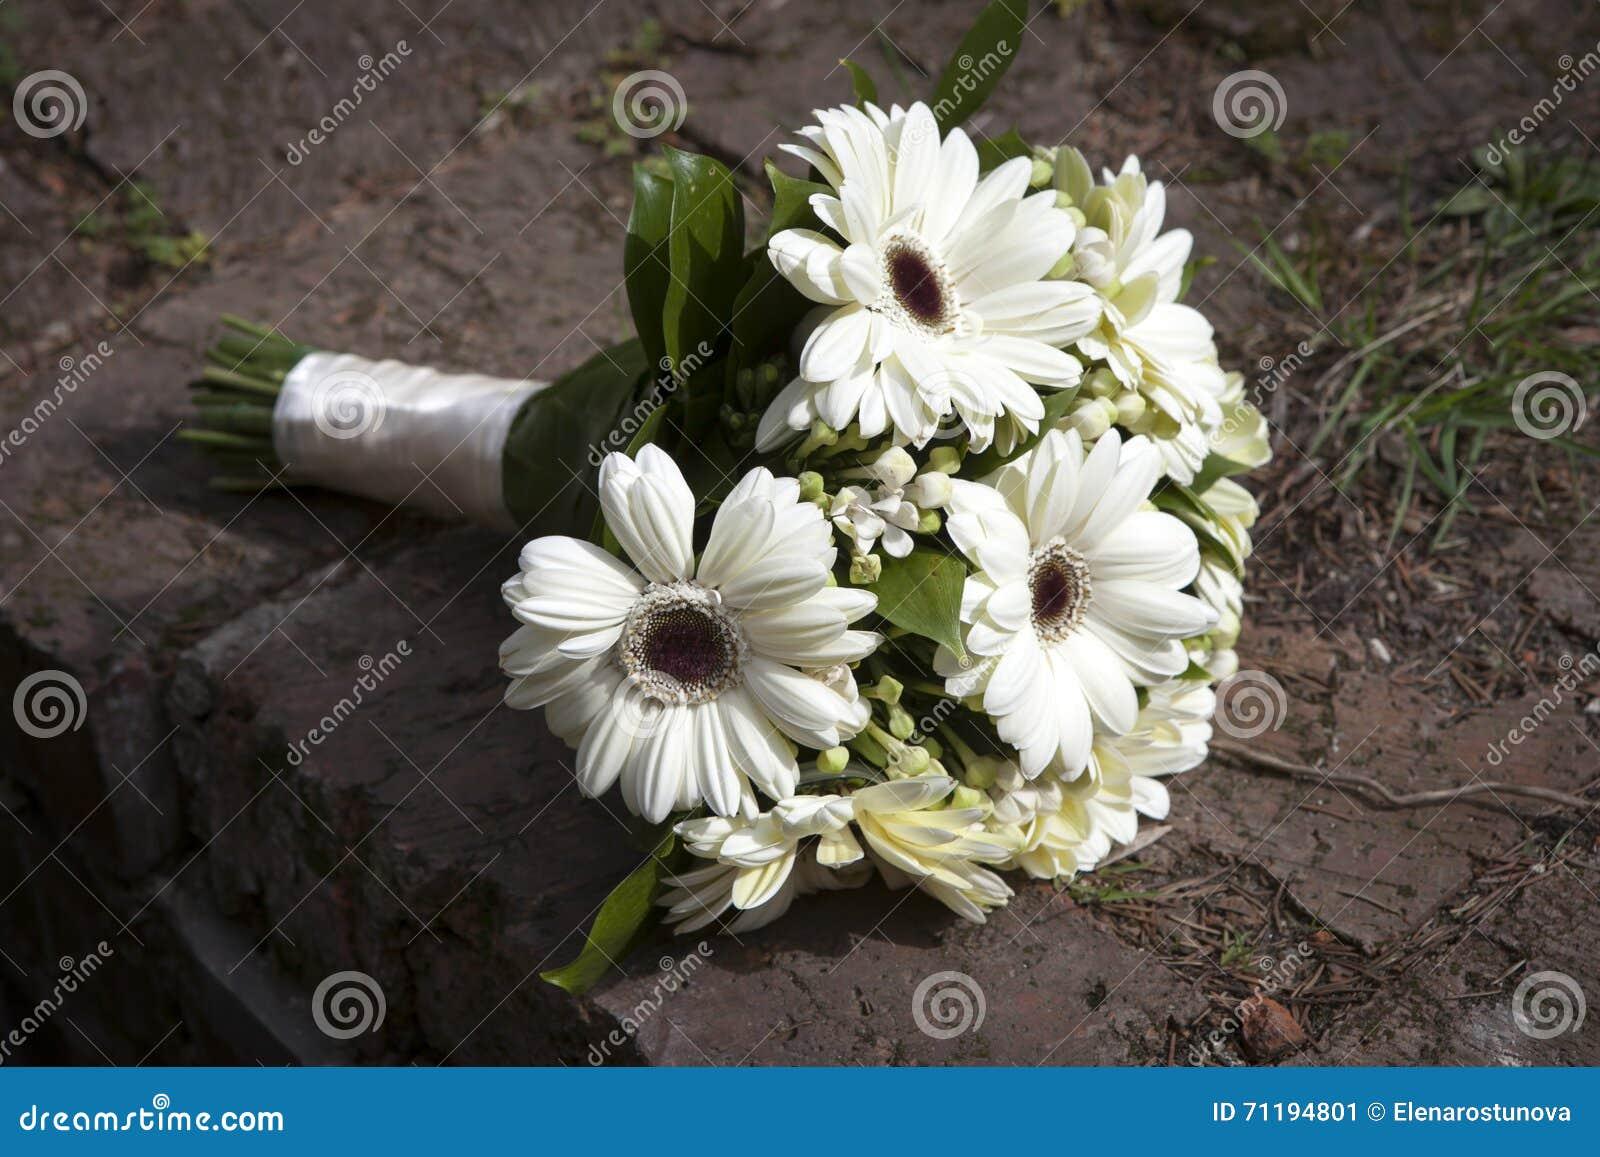 le mariage fleurit le bouquet avec les fleurs blanches de. Black Bedroom Furniture Sets. Home Design Ideas